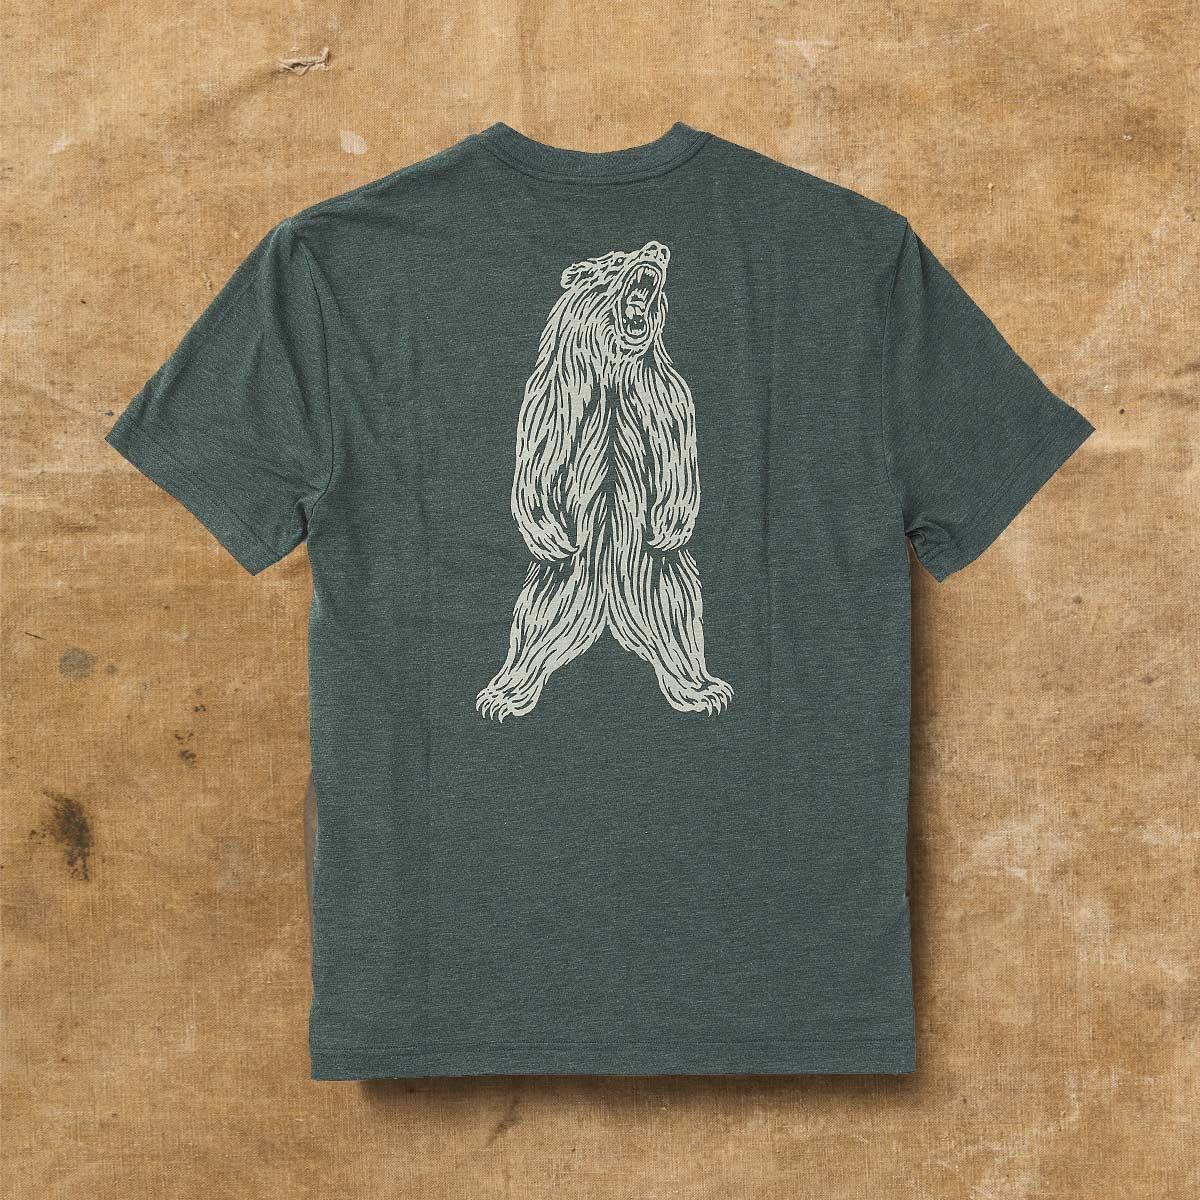 Filson Buckshot T-Shirt Forest Green Heather, hoogwaardig T-shirt met UPF 50+ zonwering